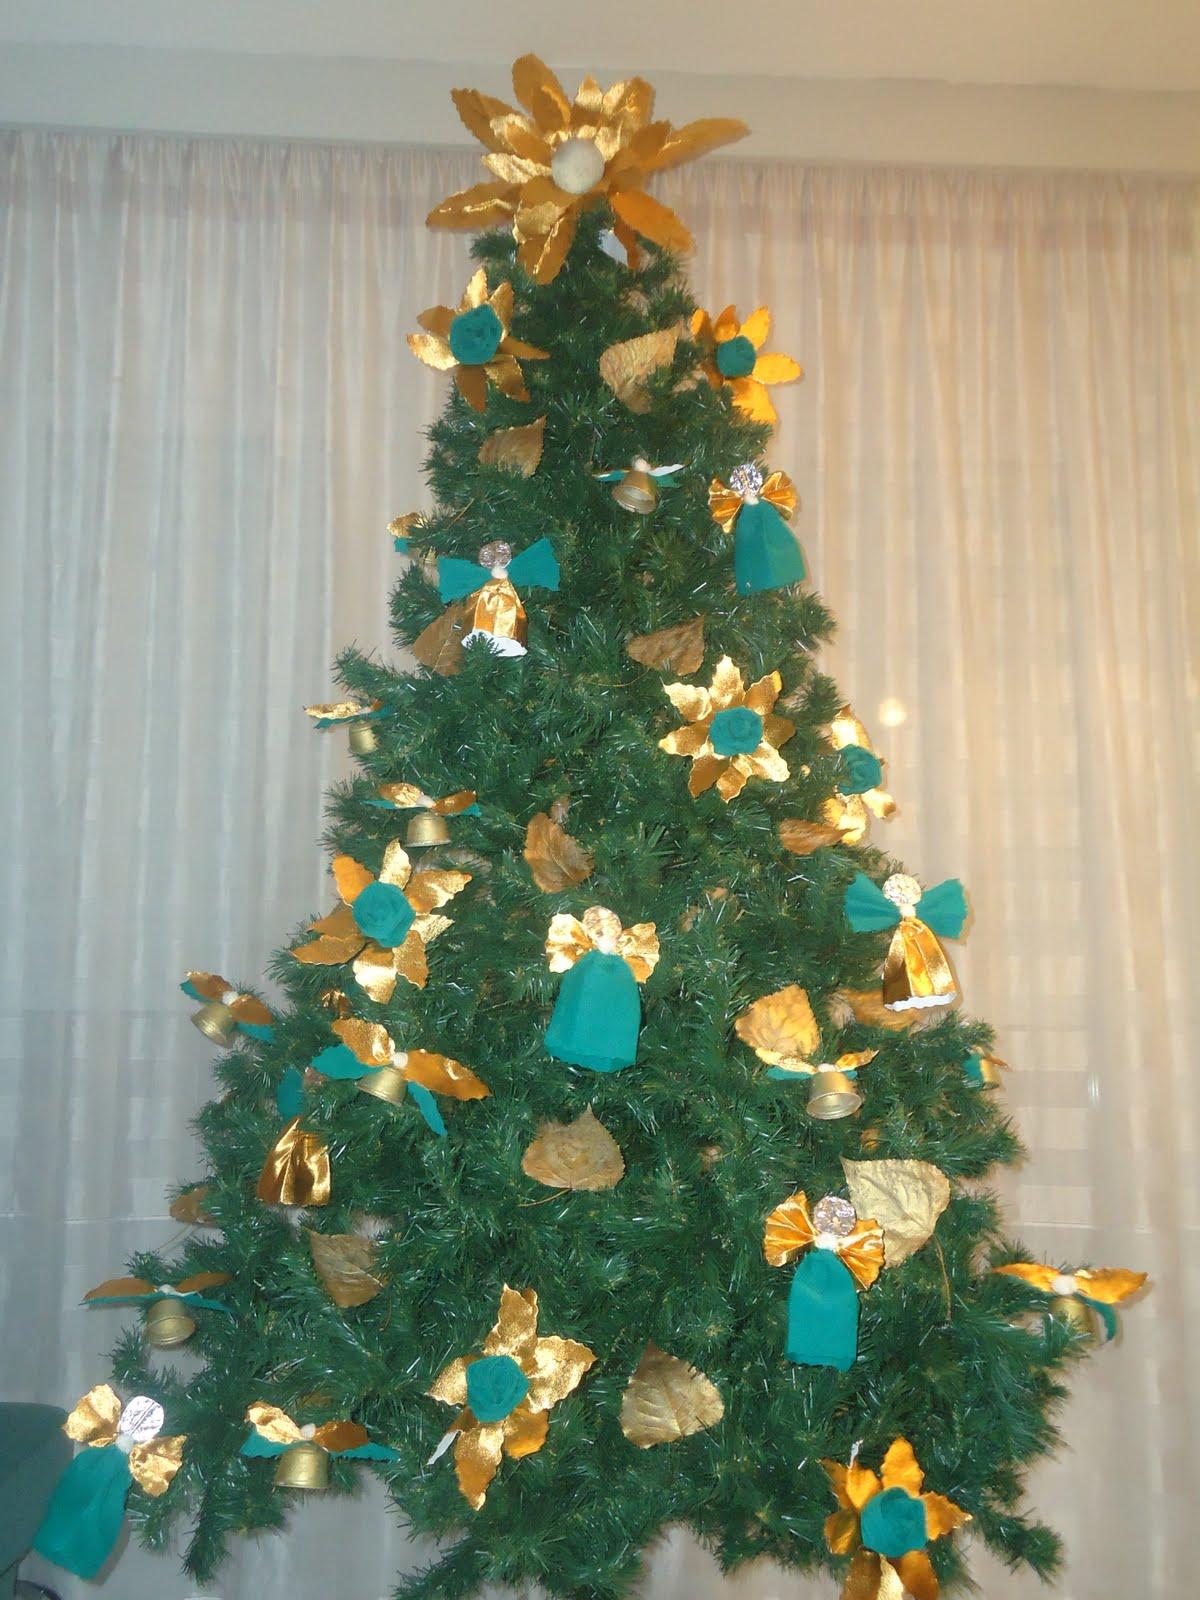 Manualidades y decoraci n arbol navide o verde dorado - Decoracion de arboles navidenos ...